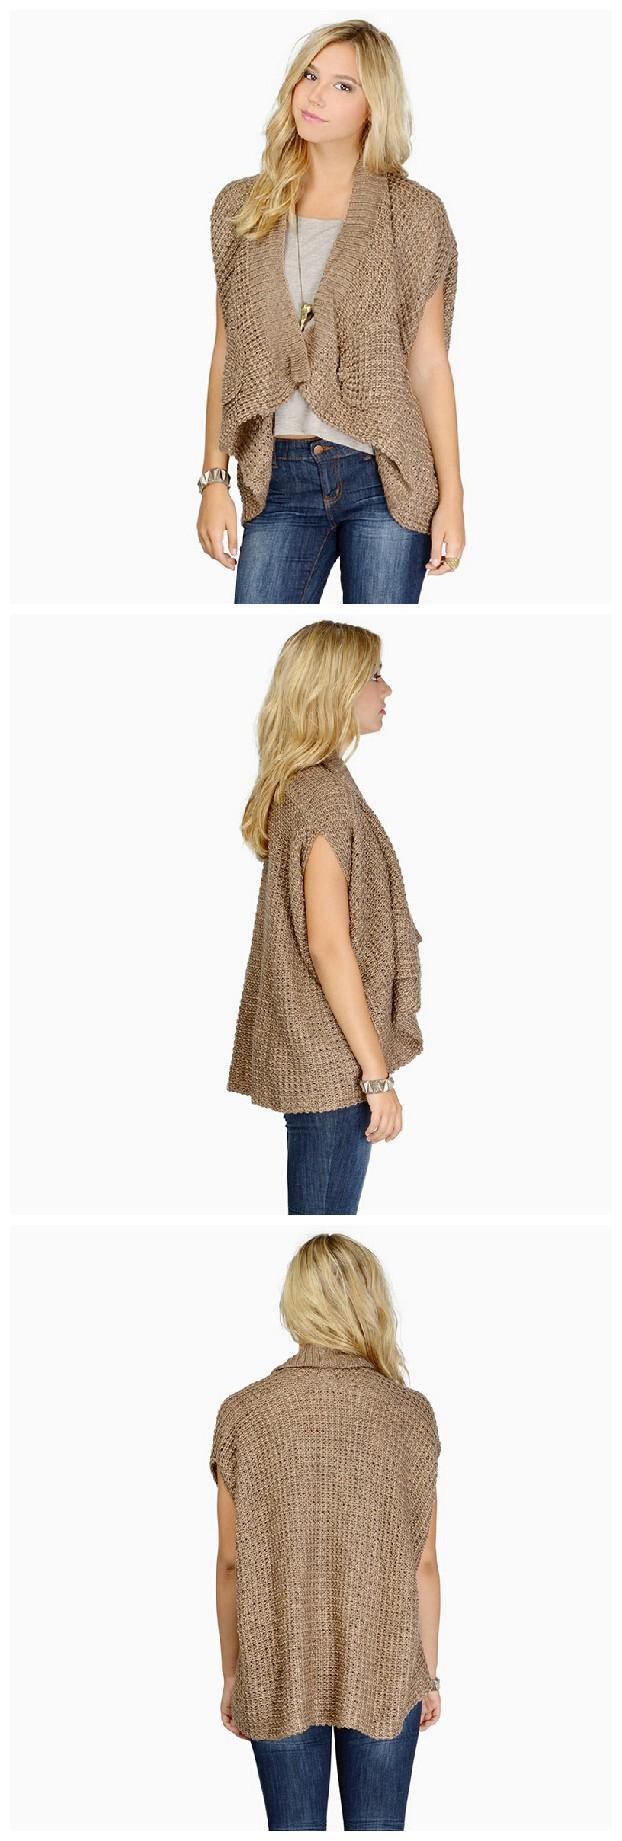 2015 женщин плечами свитер битой рукав карманные случайные потерять топы плюс размер падение судоходство hdy-202